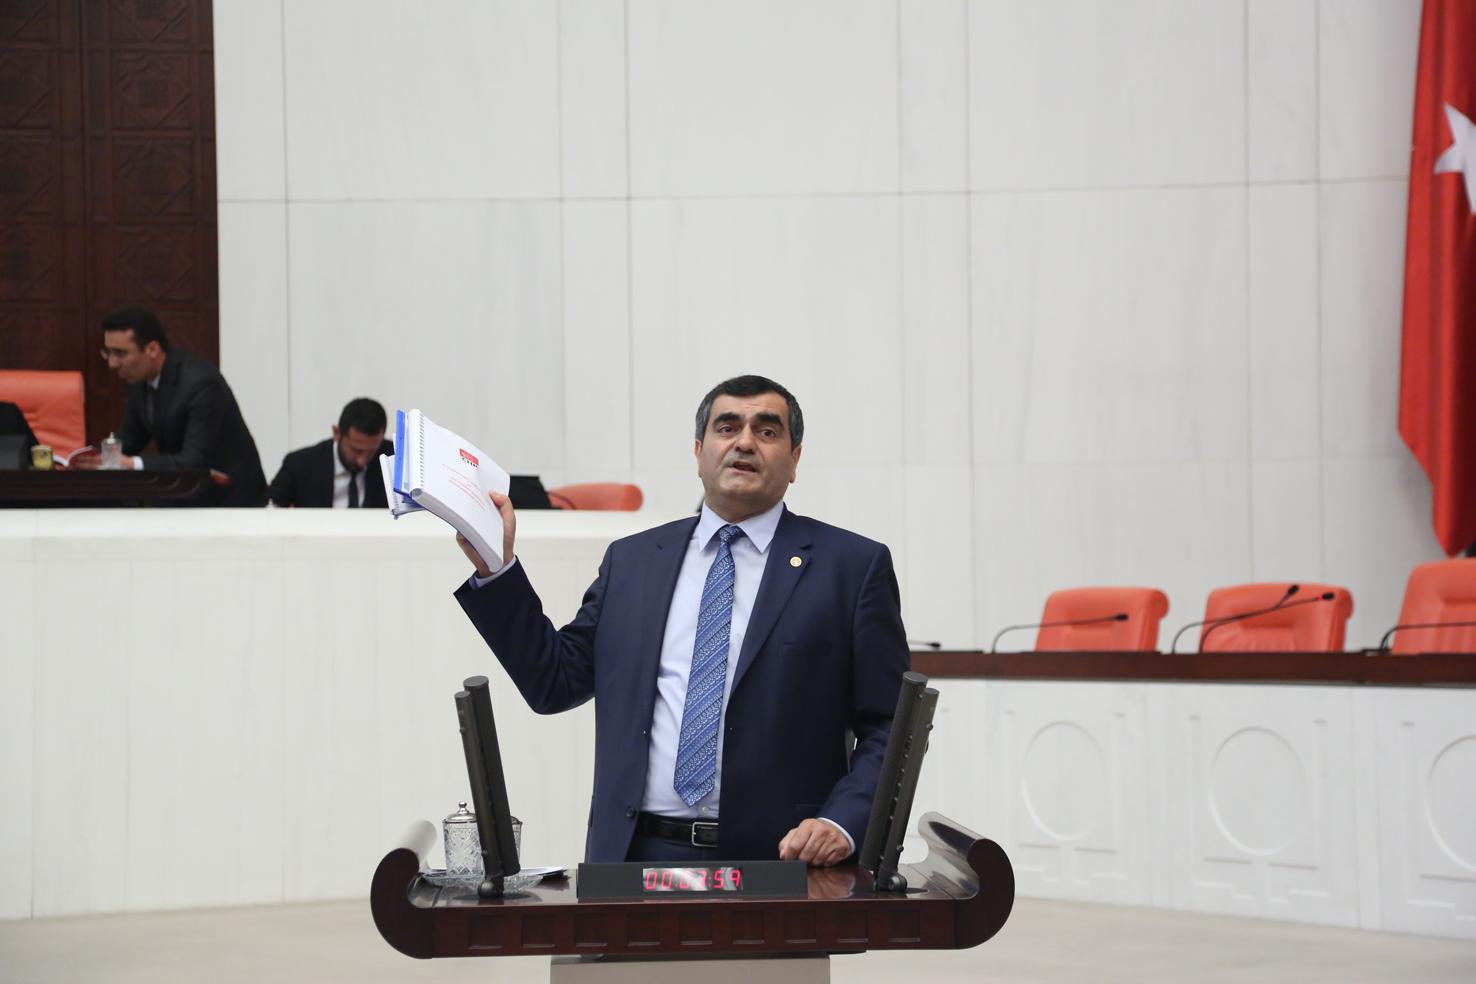 YGS'de adayların bir yılına mal olan uygulama meclise taşındı!